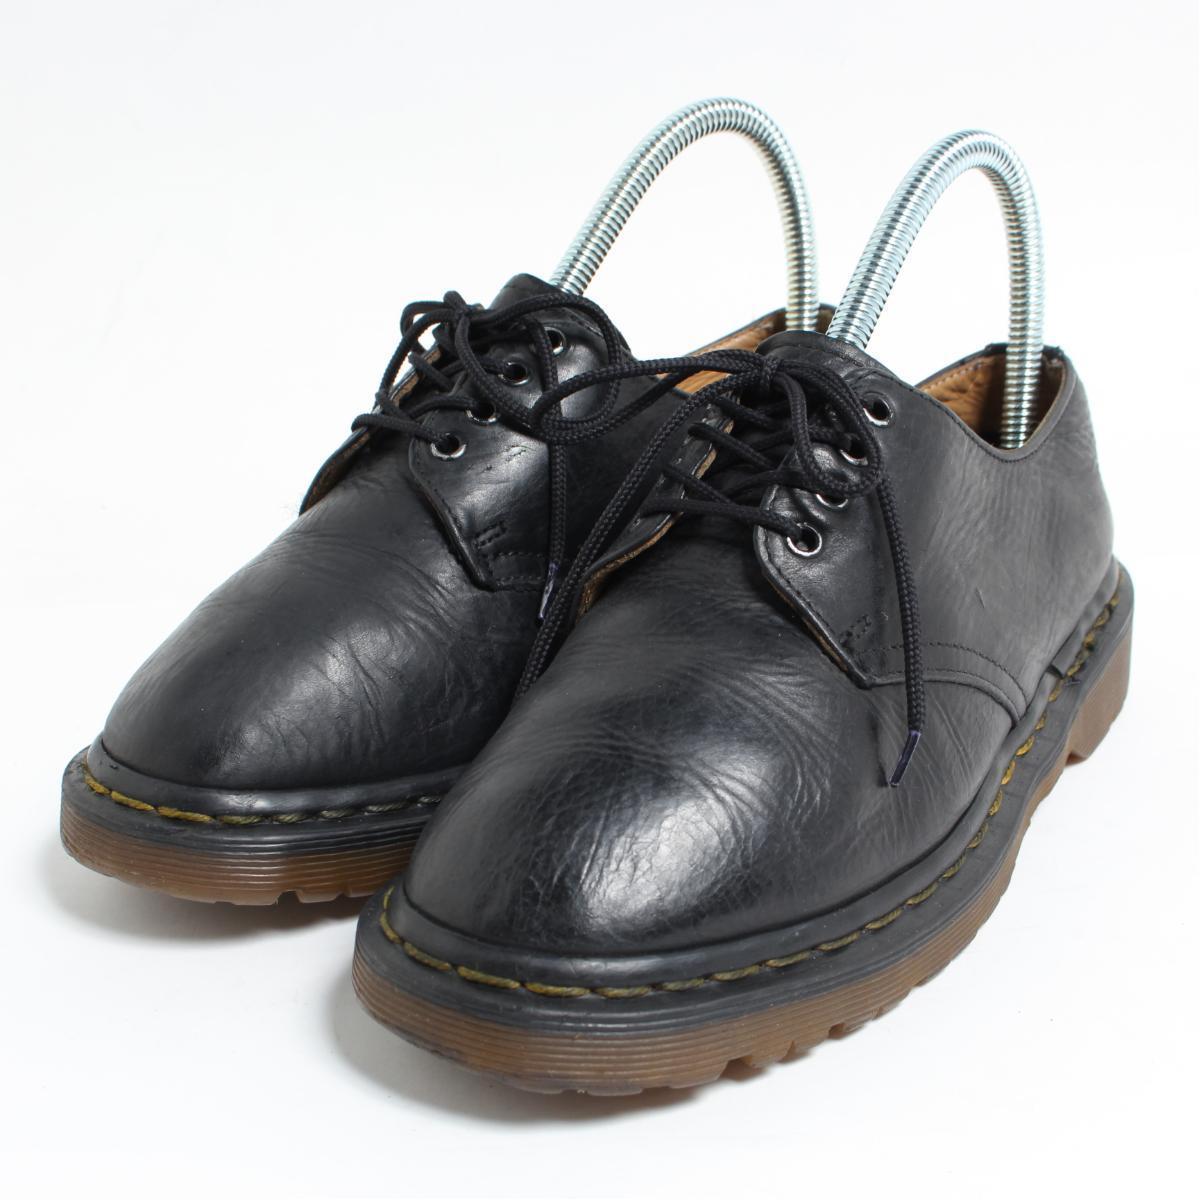 ドクターマーチン Dr.Martens 4ホールシューズ 英国製 UK5 レディース23.5cm /bom9967 【中古】【古着屋JAM】 【180622】【SS2006】